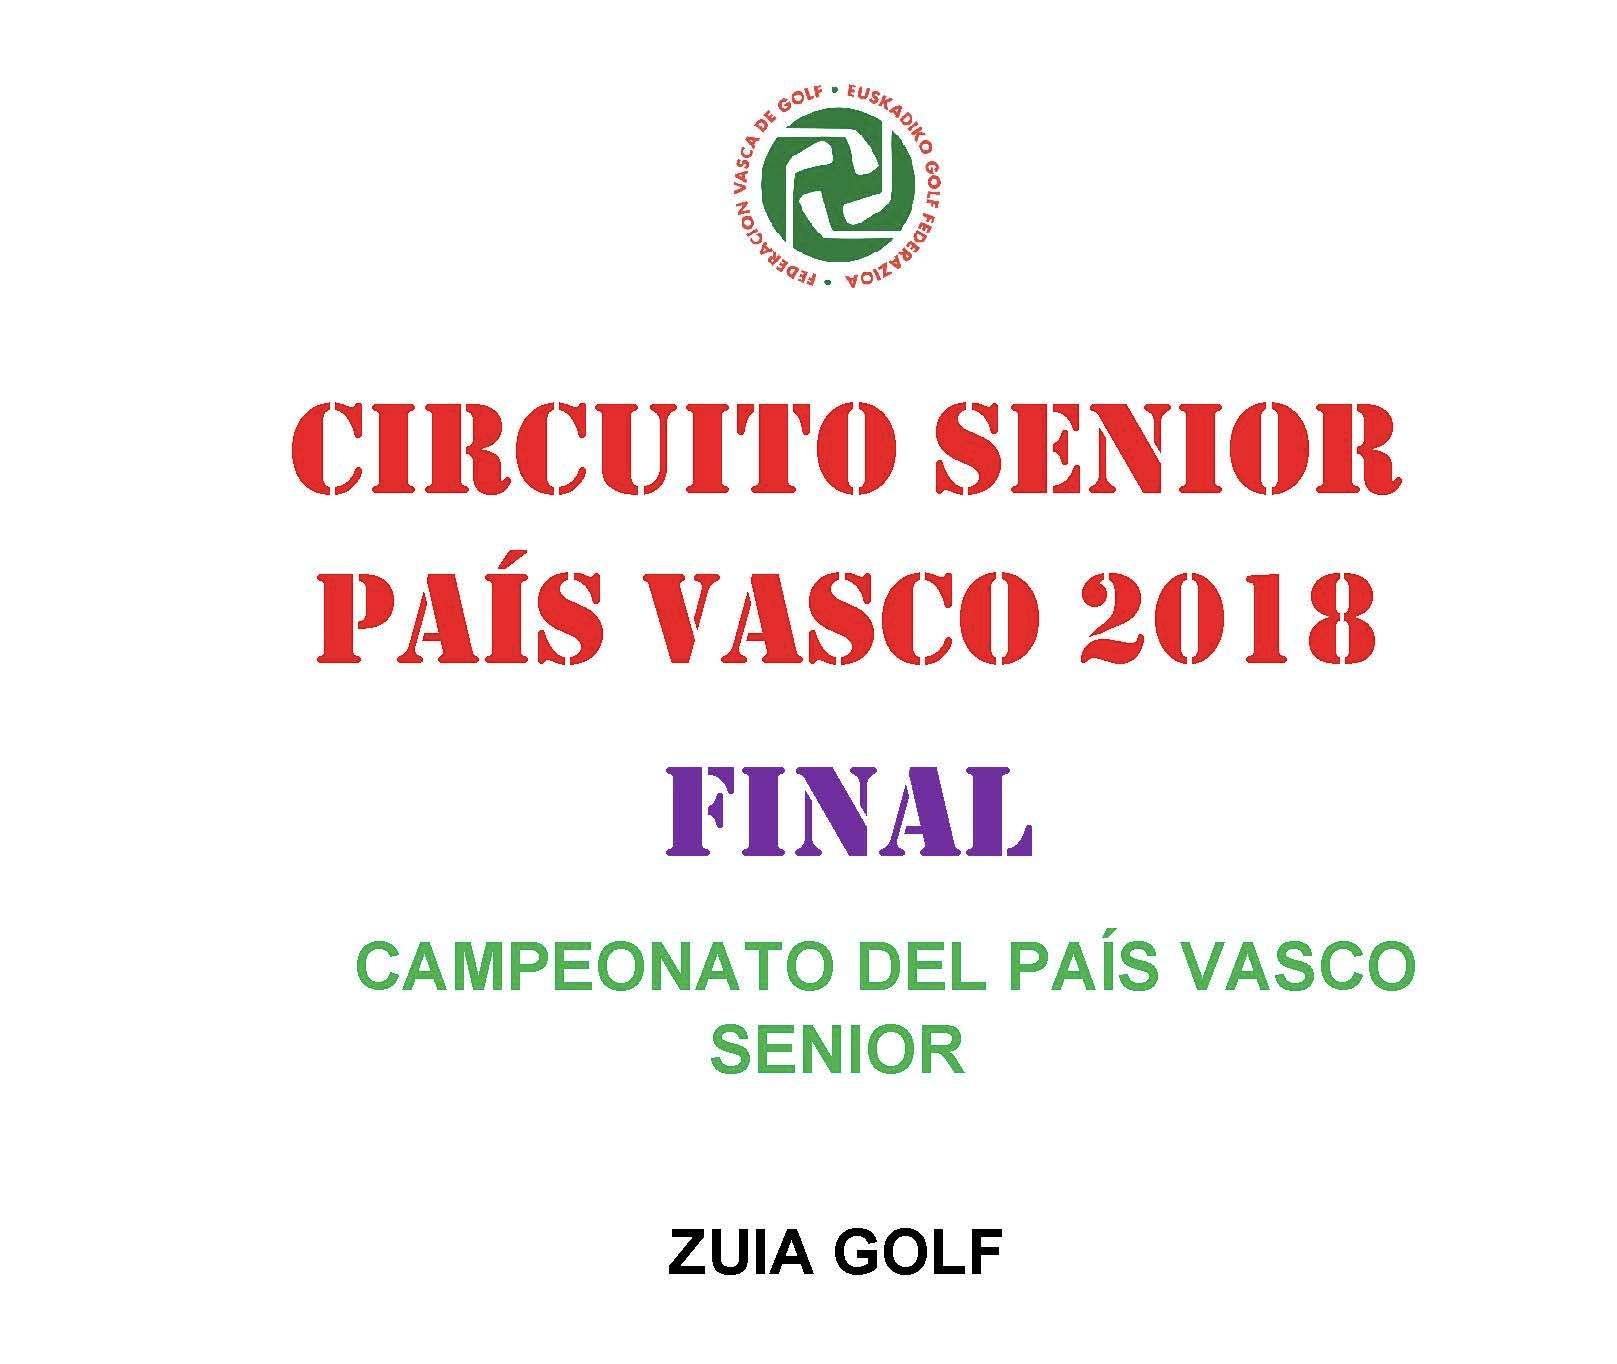 Aplazado al sábado 10-nov: Campeonato Senior País Vasco en Zuia.